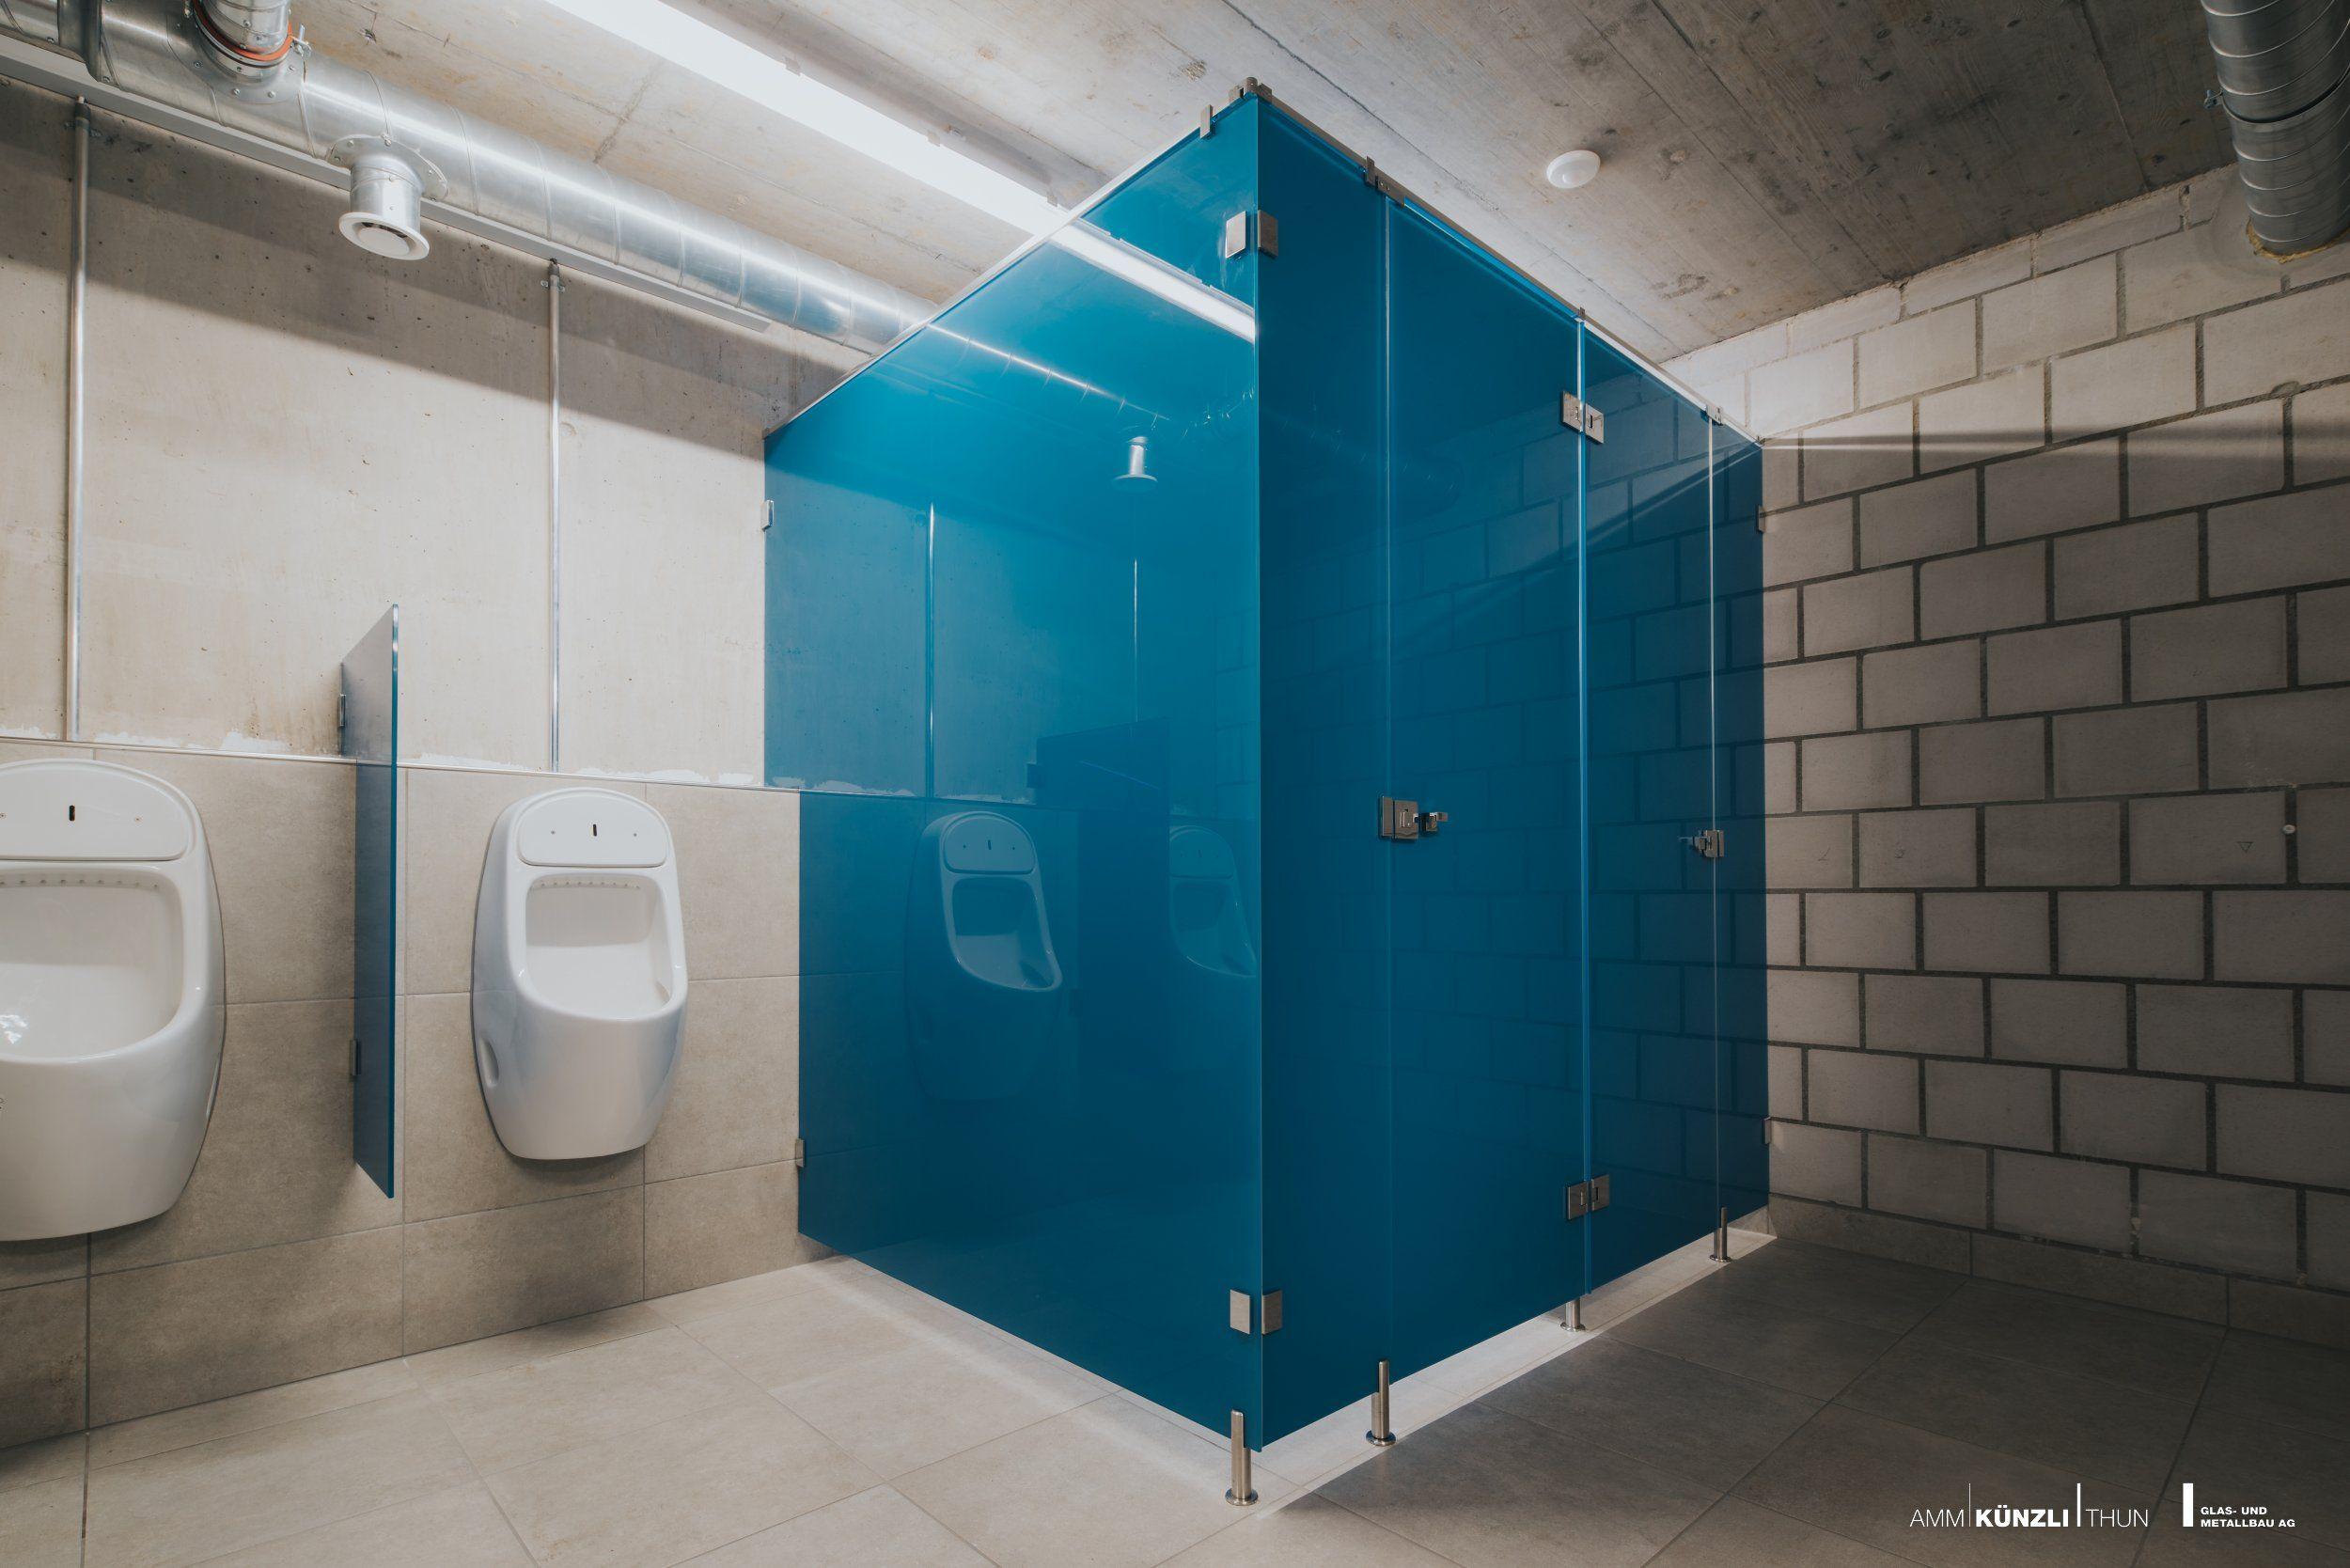 WC Kabine aus Glas   Sanitär, Wc trennwände, Trennwand